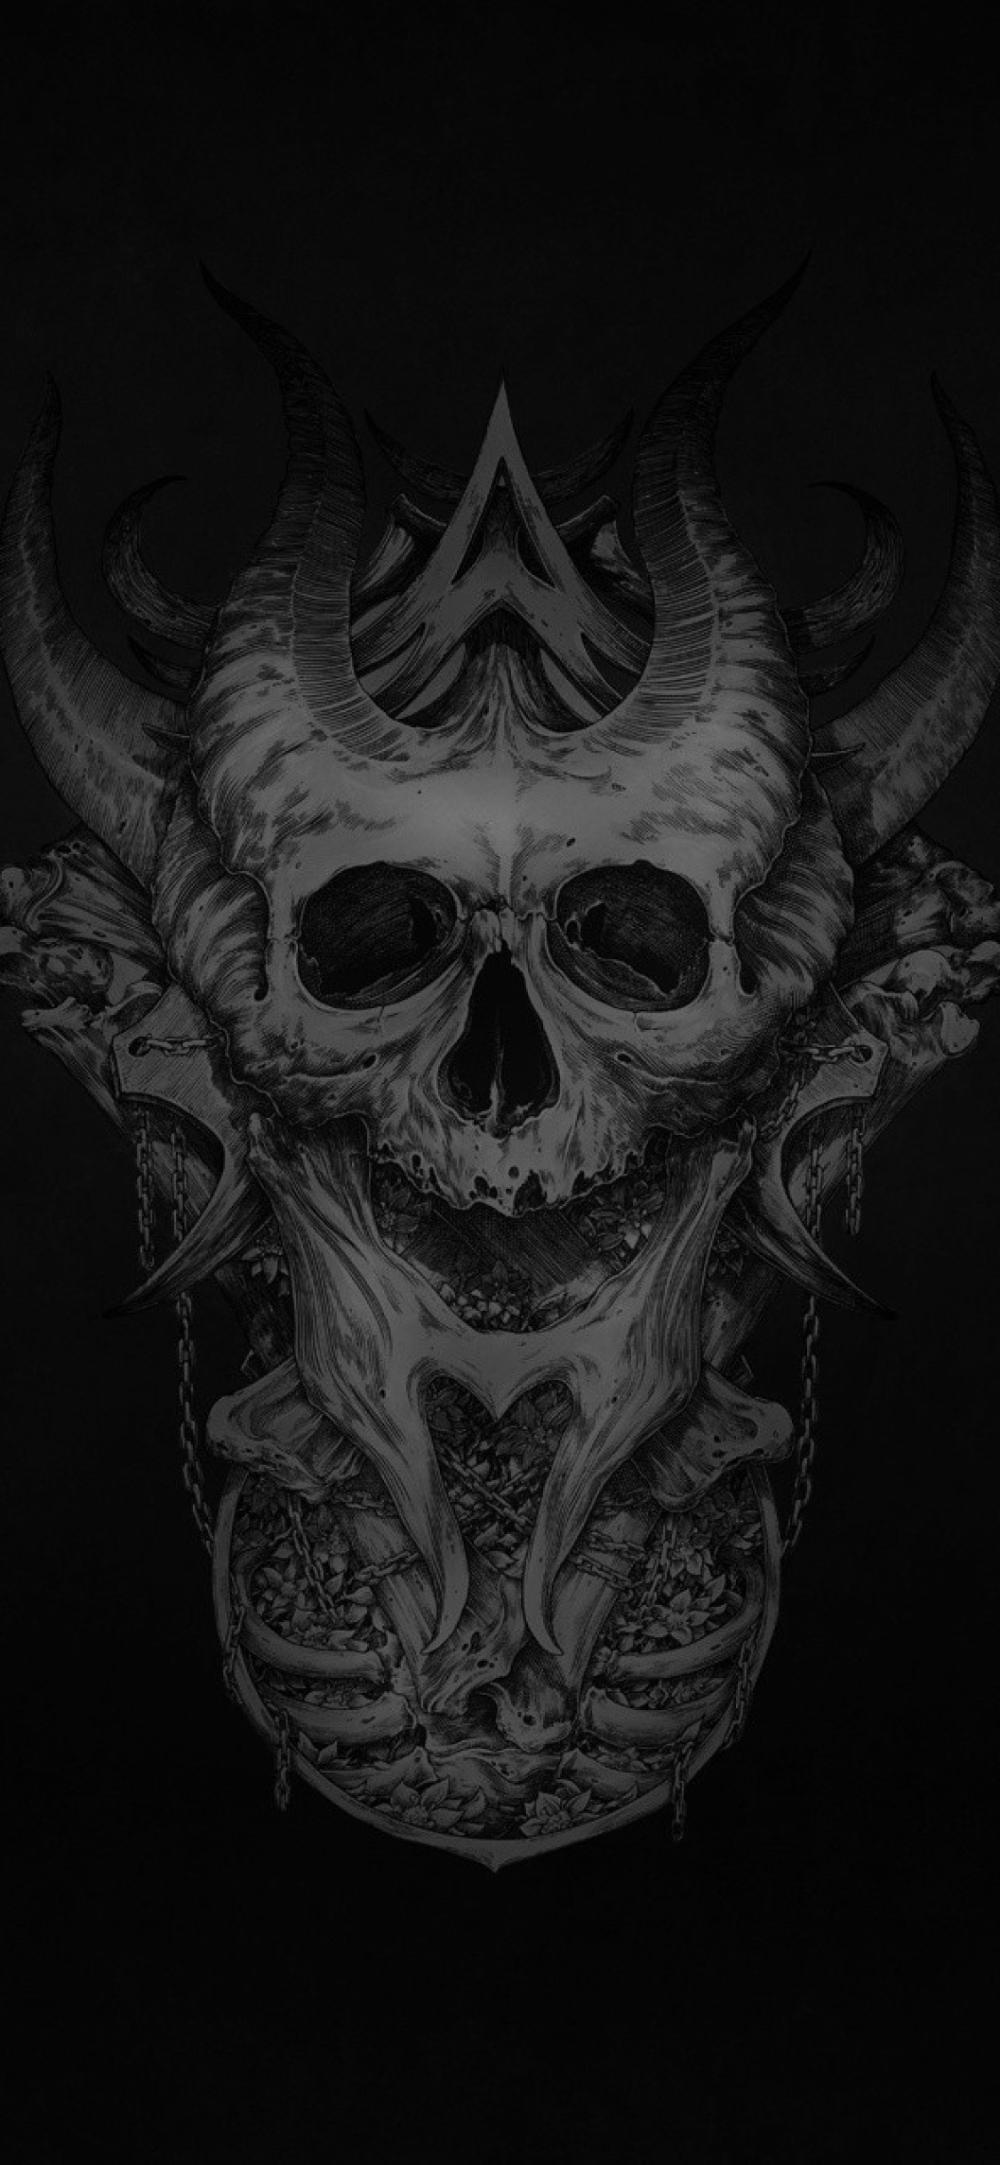 Dark Skull Skull Wallpaper Black Skulls Wallpaper Hd Skull Wallpapers